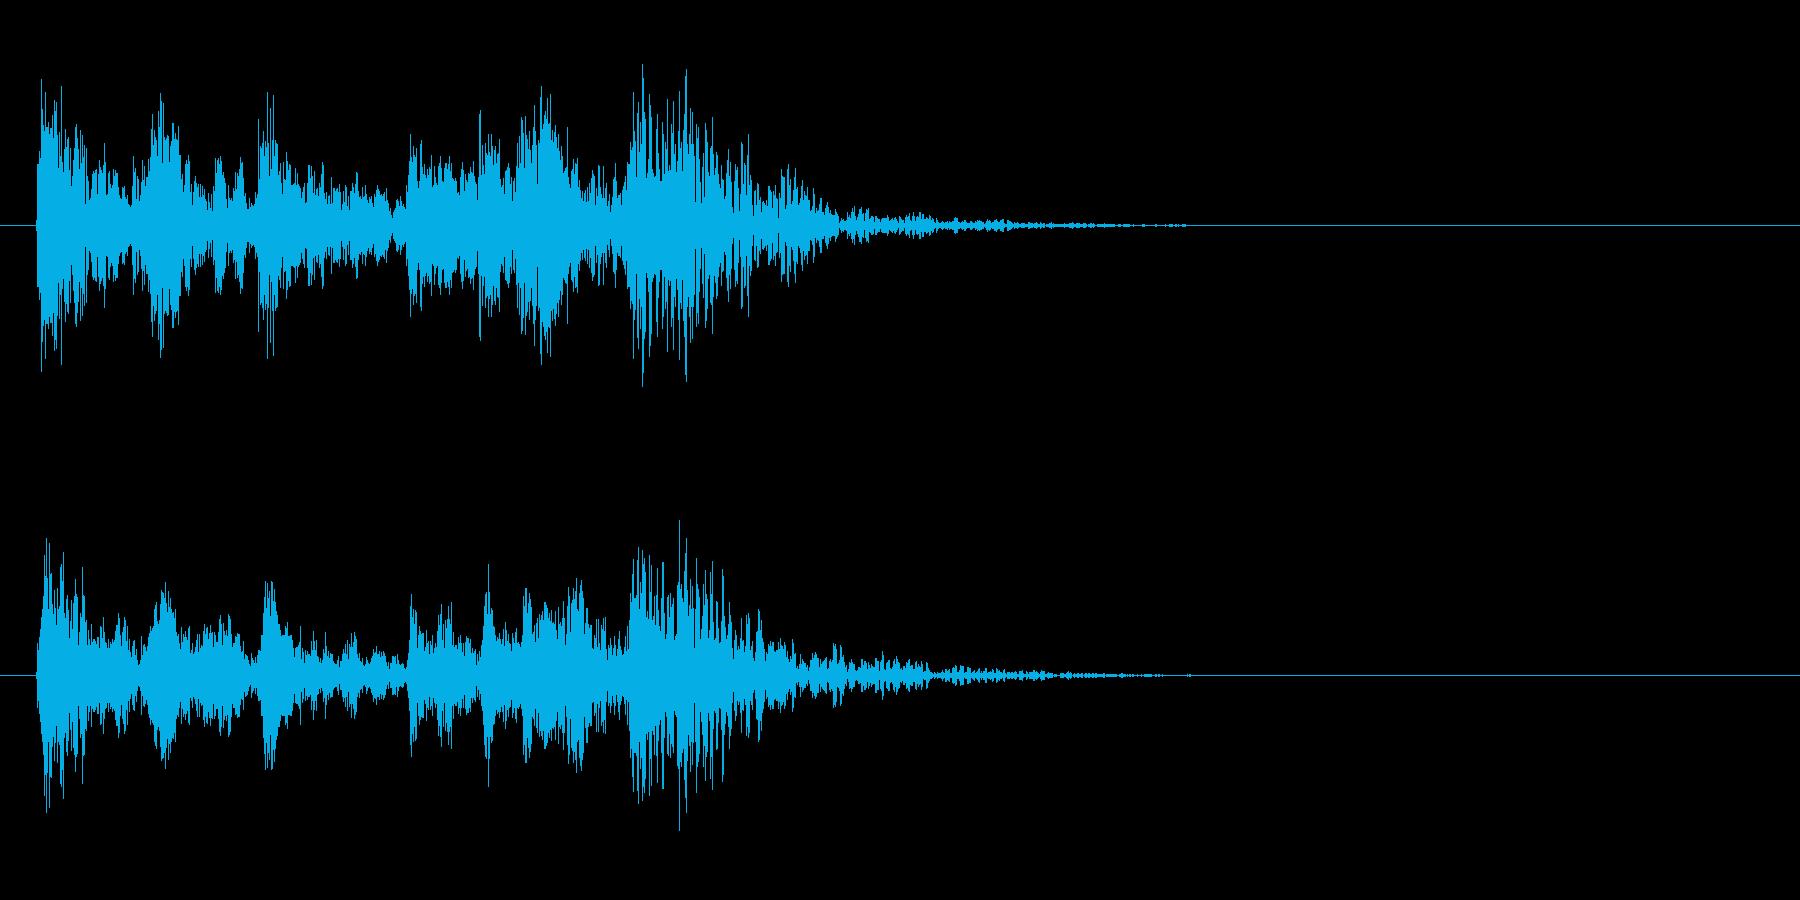 ダン・ダン・ドンドドドン パワフルなSEの再生済みの波形